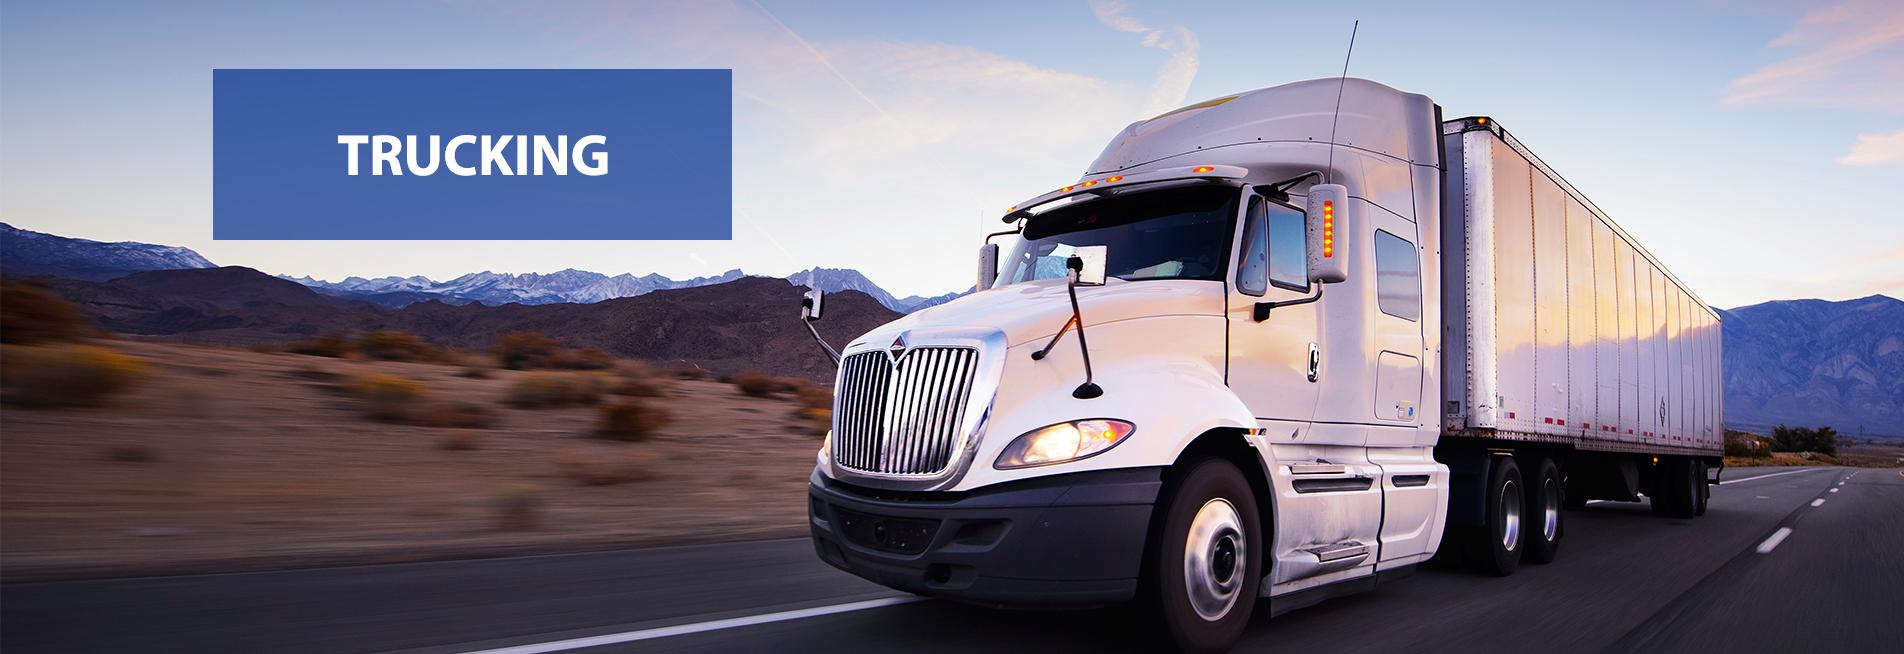 Dịch vụ vận chuyển xe tải giá ưu đãi từ Quảng Nam đến Kampong Speu.